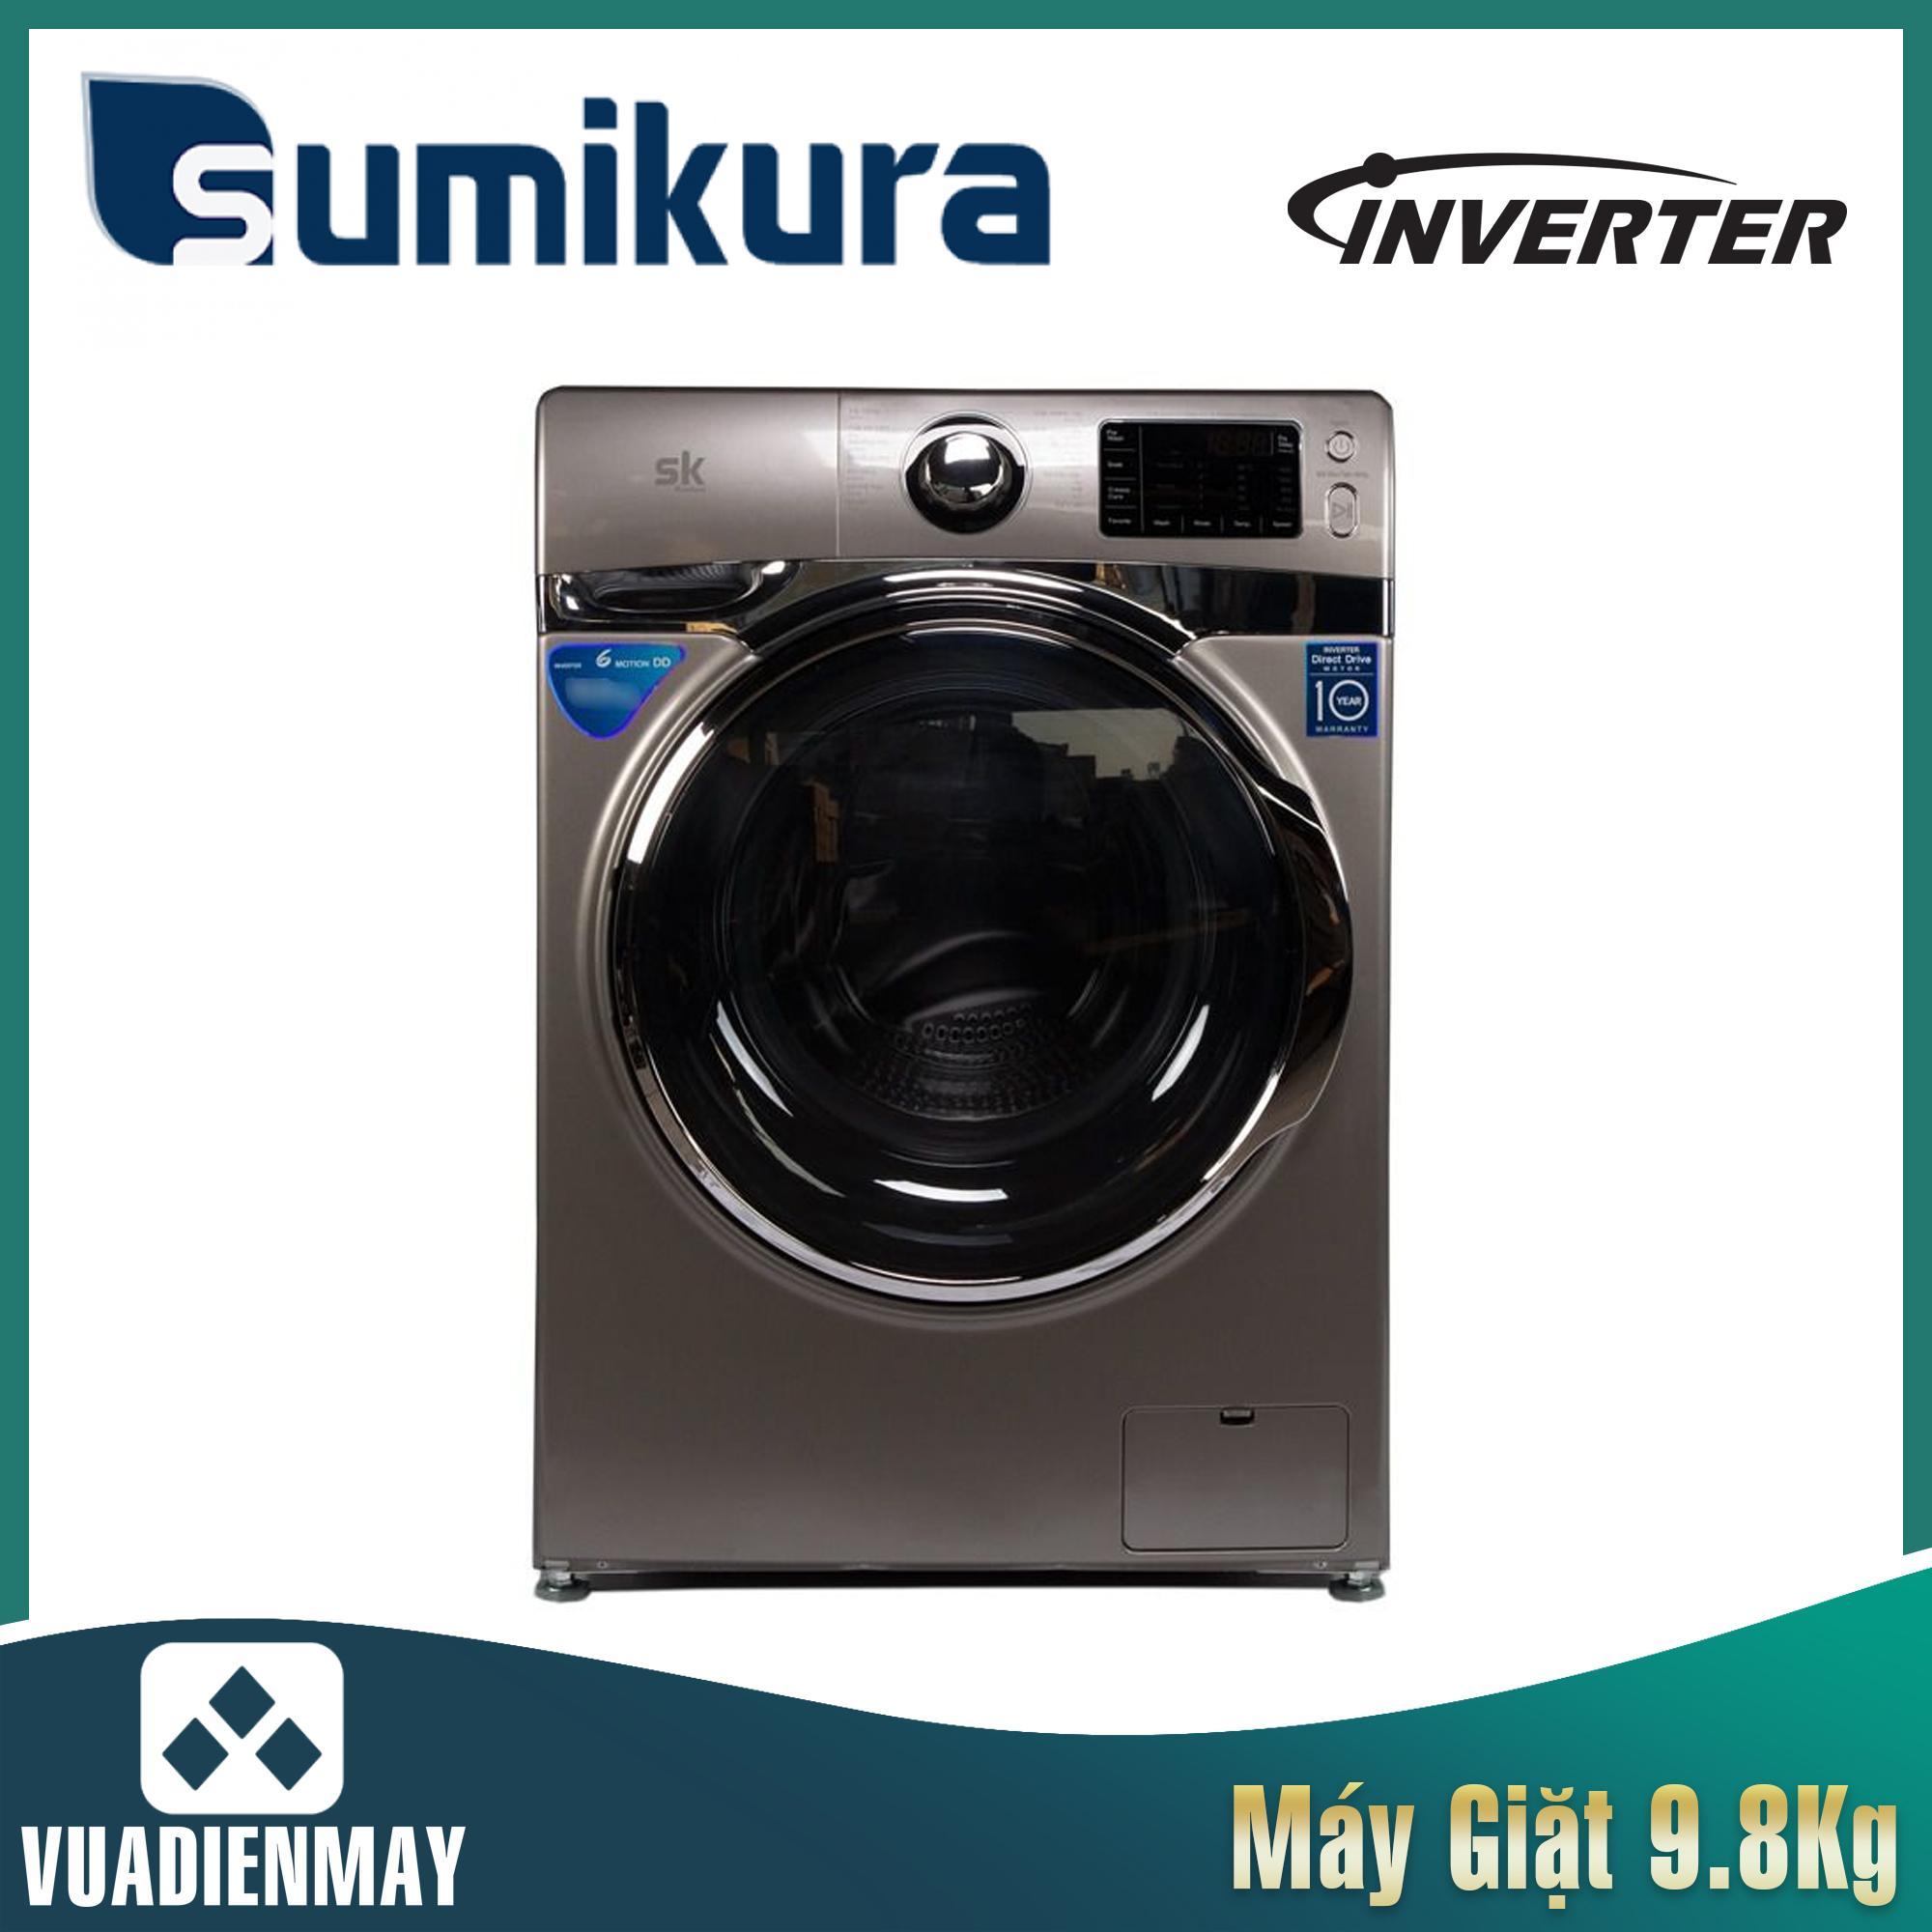 Máy giặt Sumikura  9.8kg lồng ngang